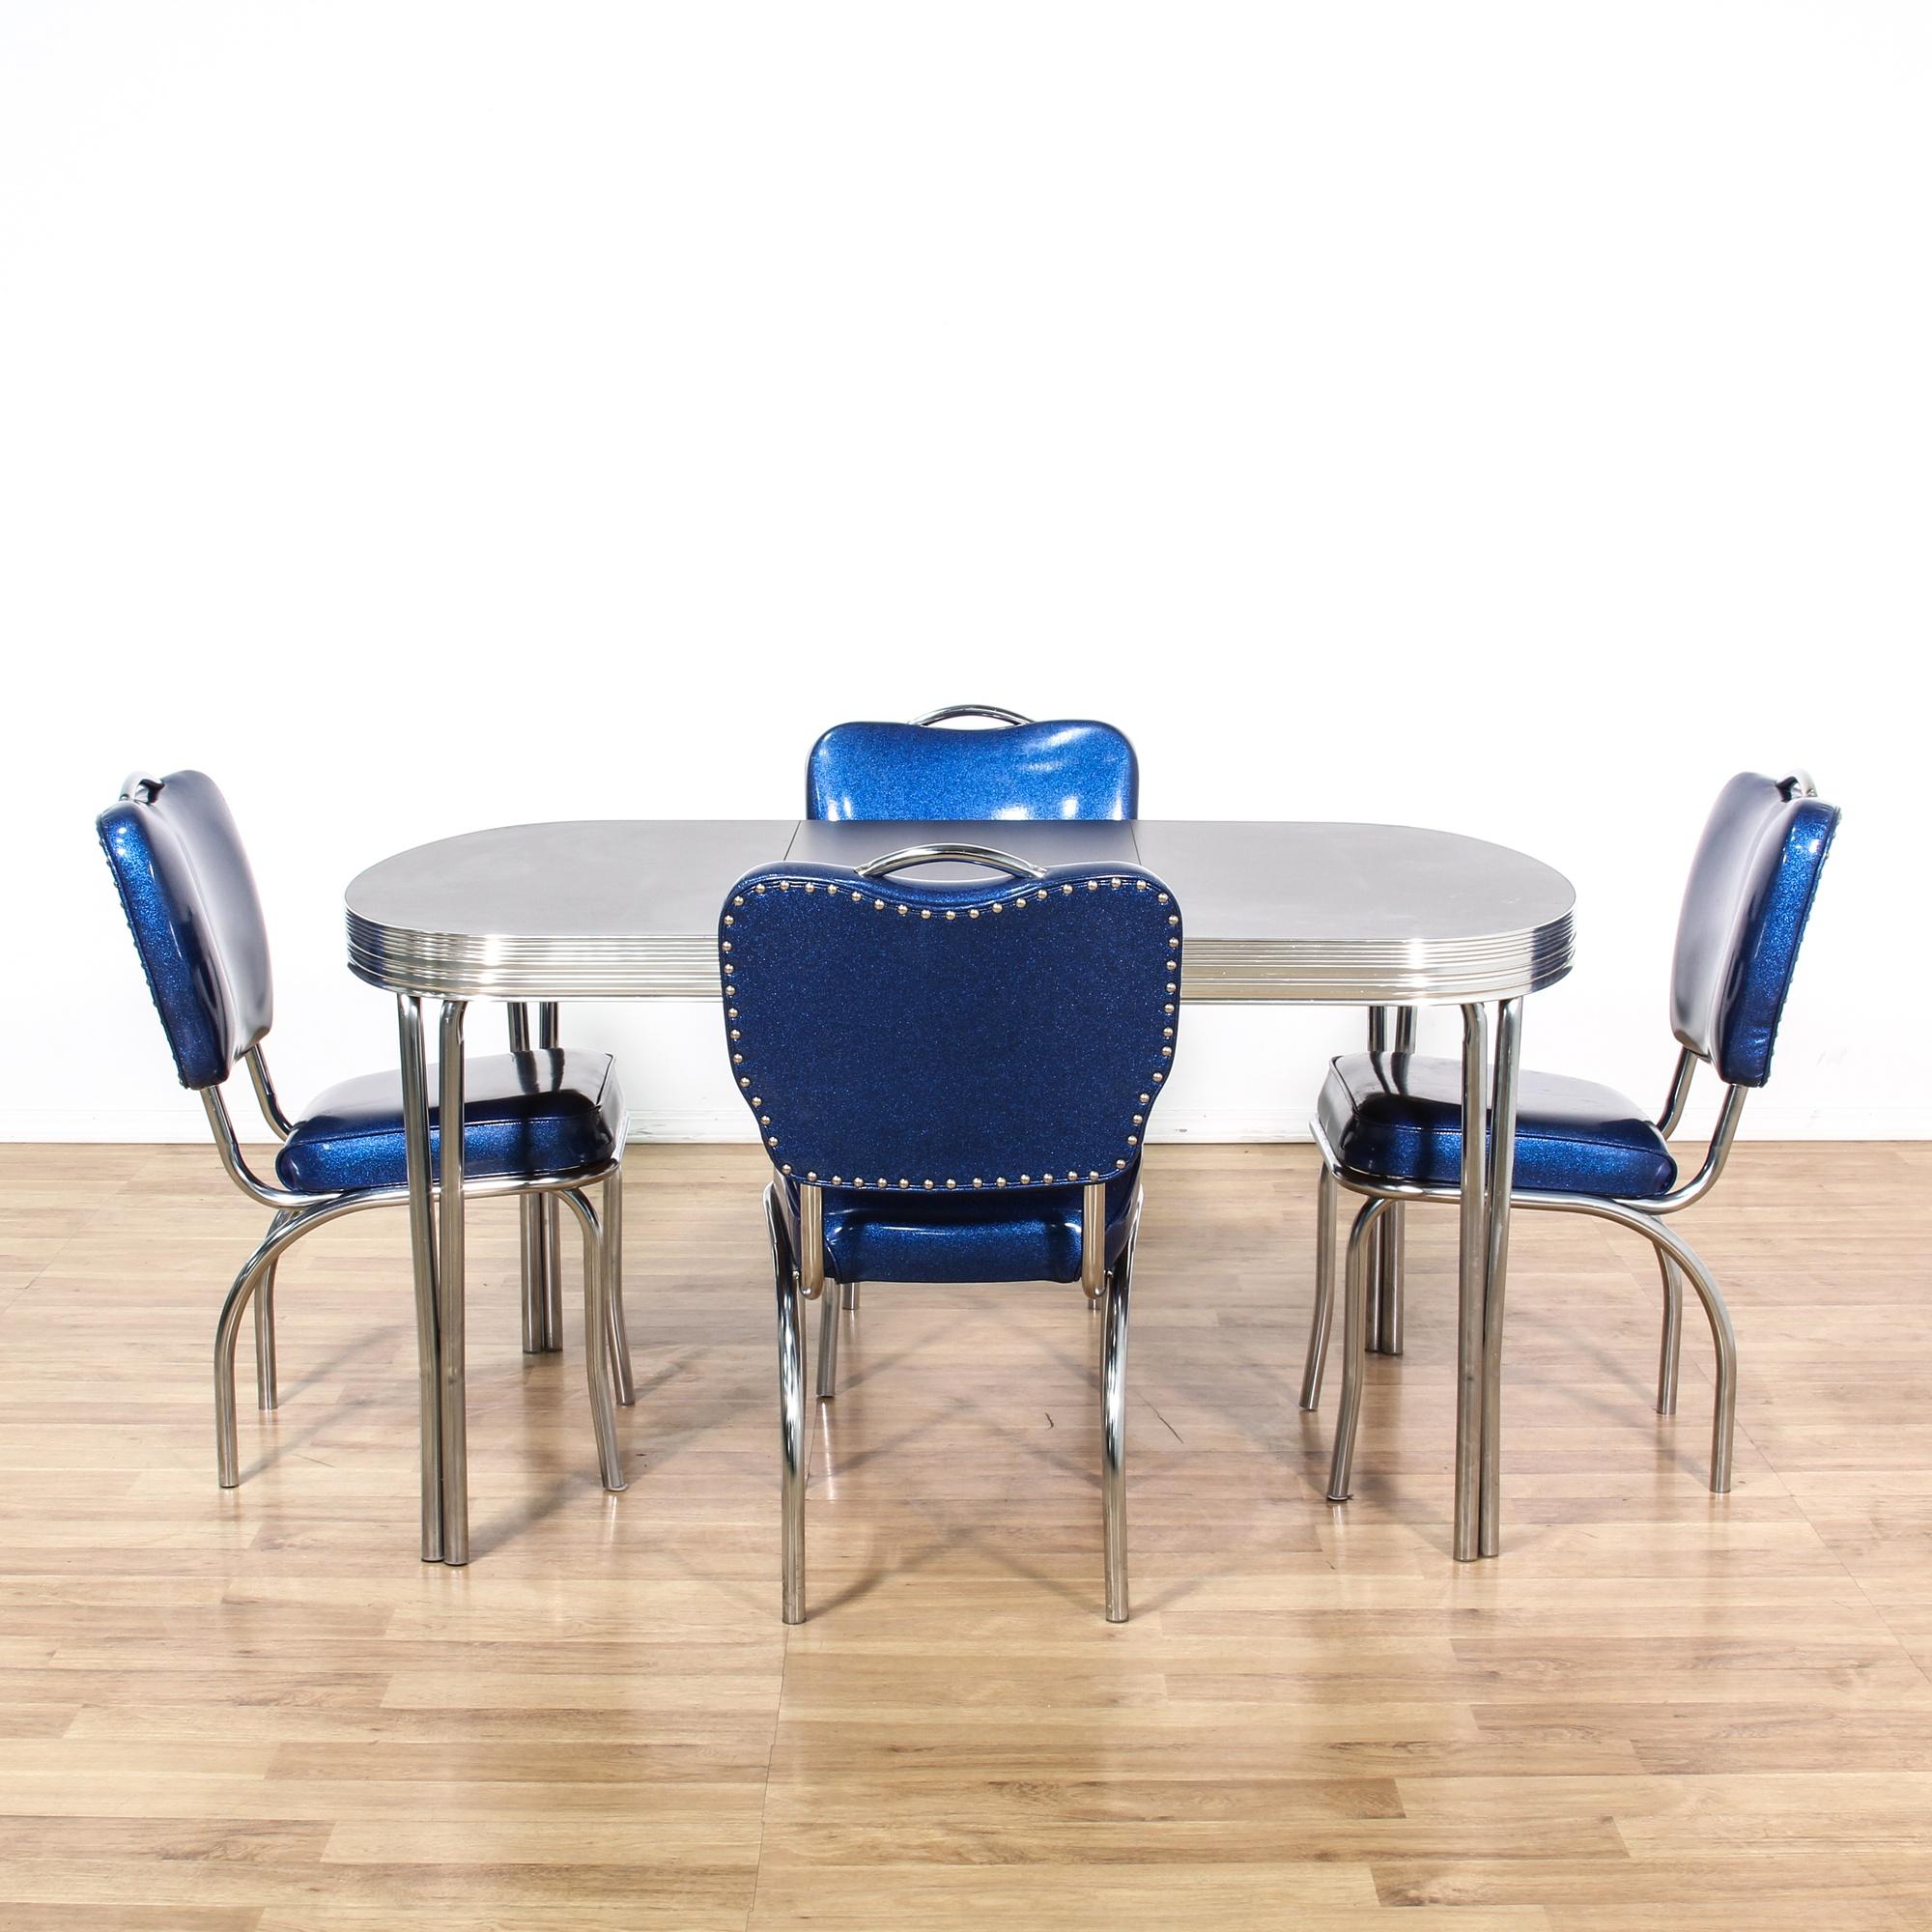 Chrome Kitchen Chairs: Retro Chrome Dinette Set W/ 4 Blue Vinyl Chairs